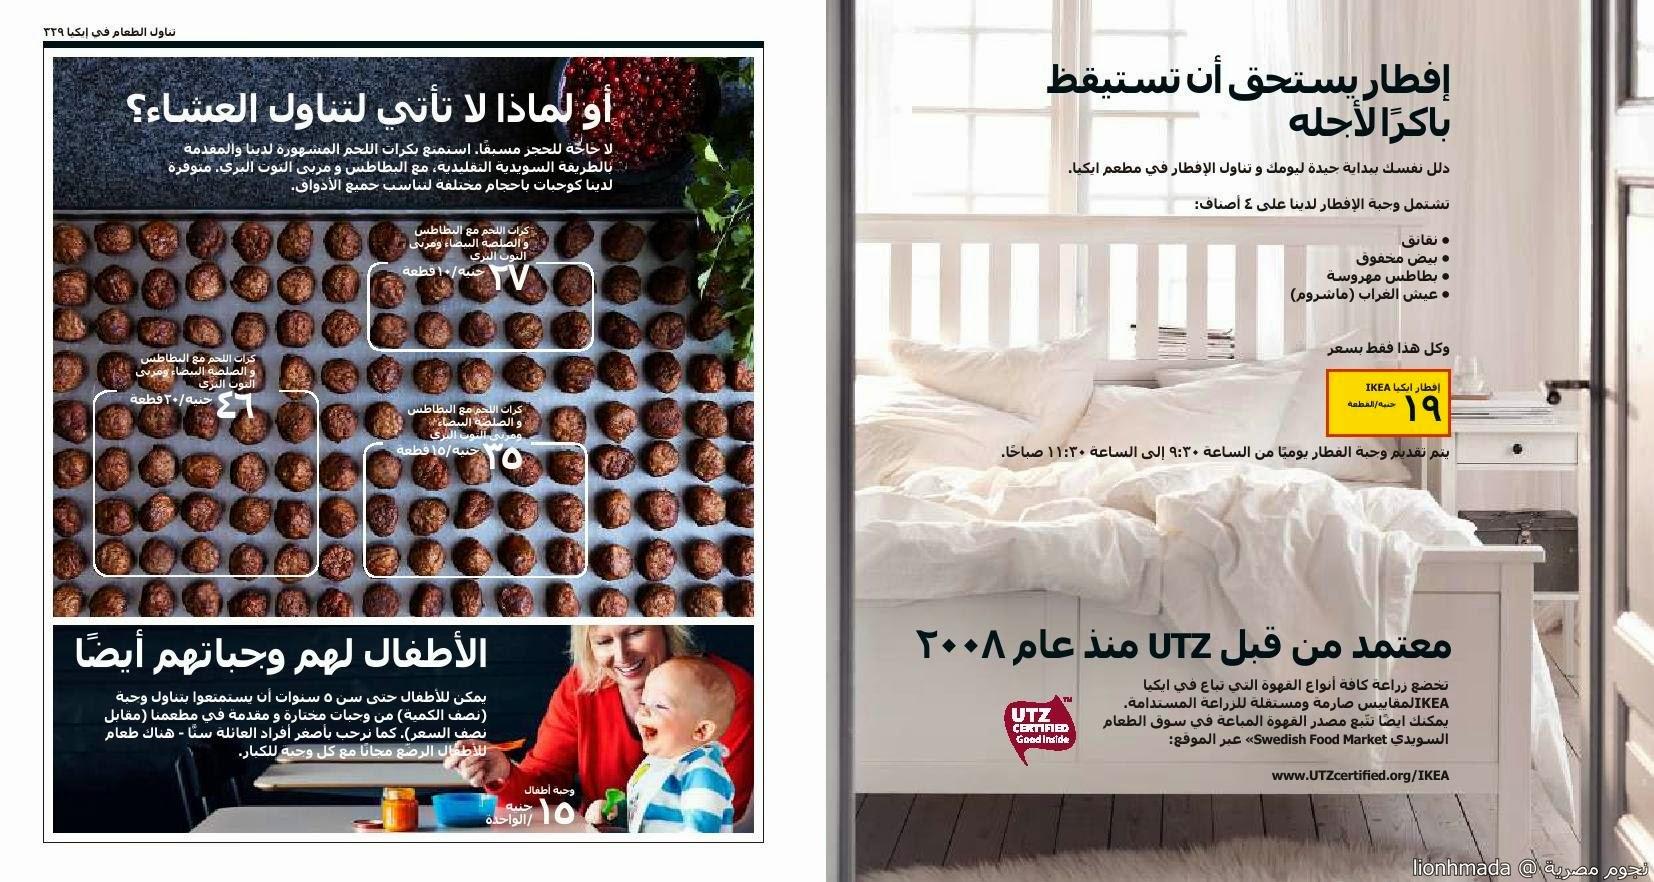 imgbef2985612d4cb2287523bfb9f8b1558 صور كتالوج ايكيا مصر ikia للديكورات